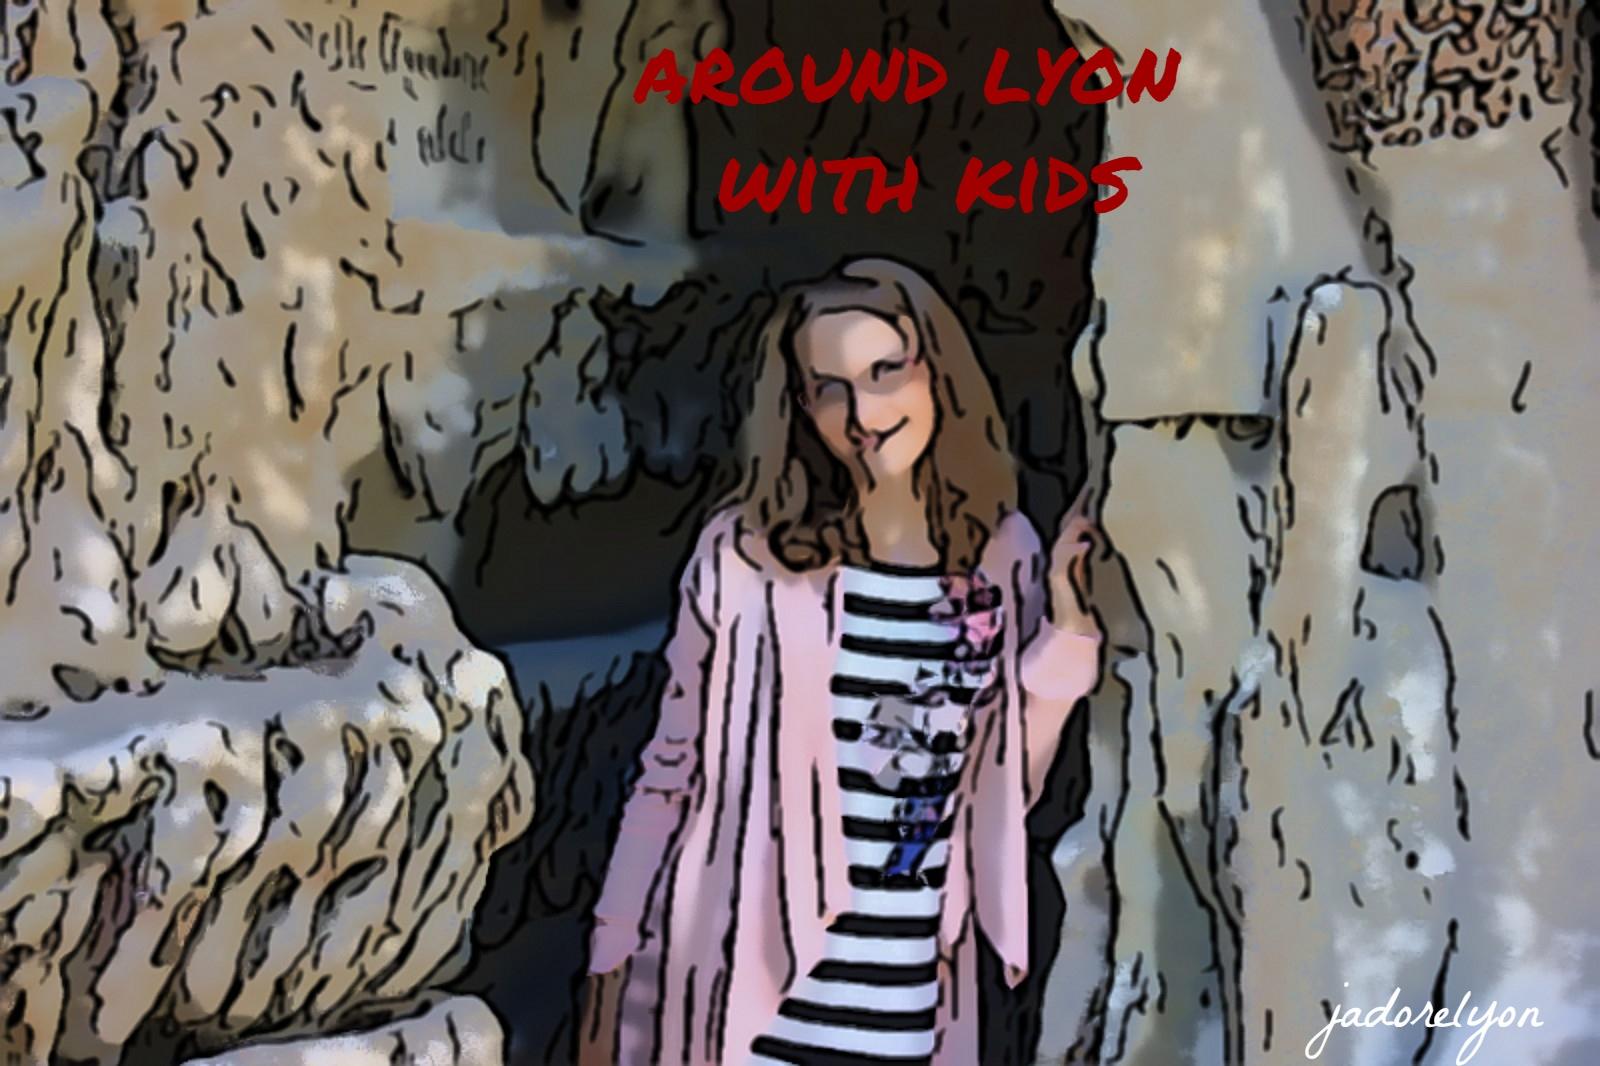 Around Lyon with kids 1